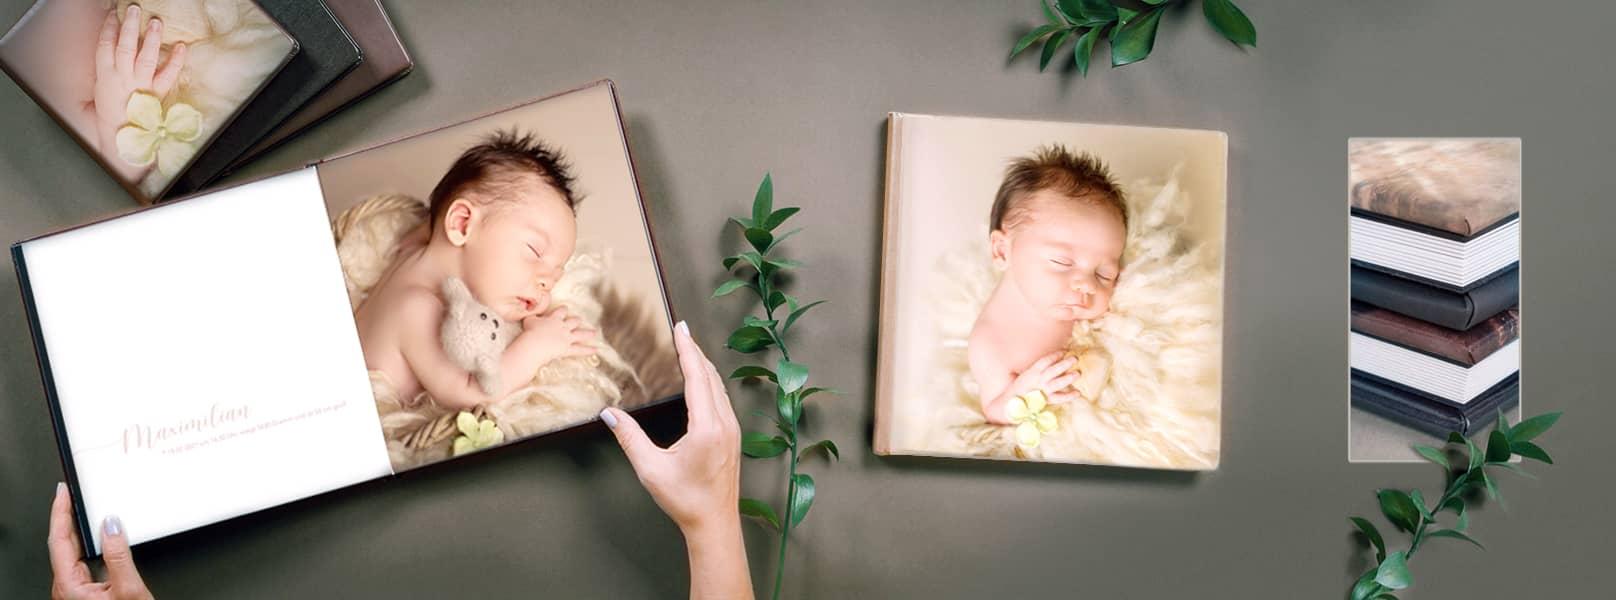 Fotobücher mit ihren Lieblingsbildern von der Famile